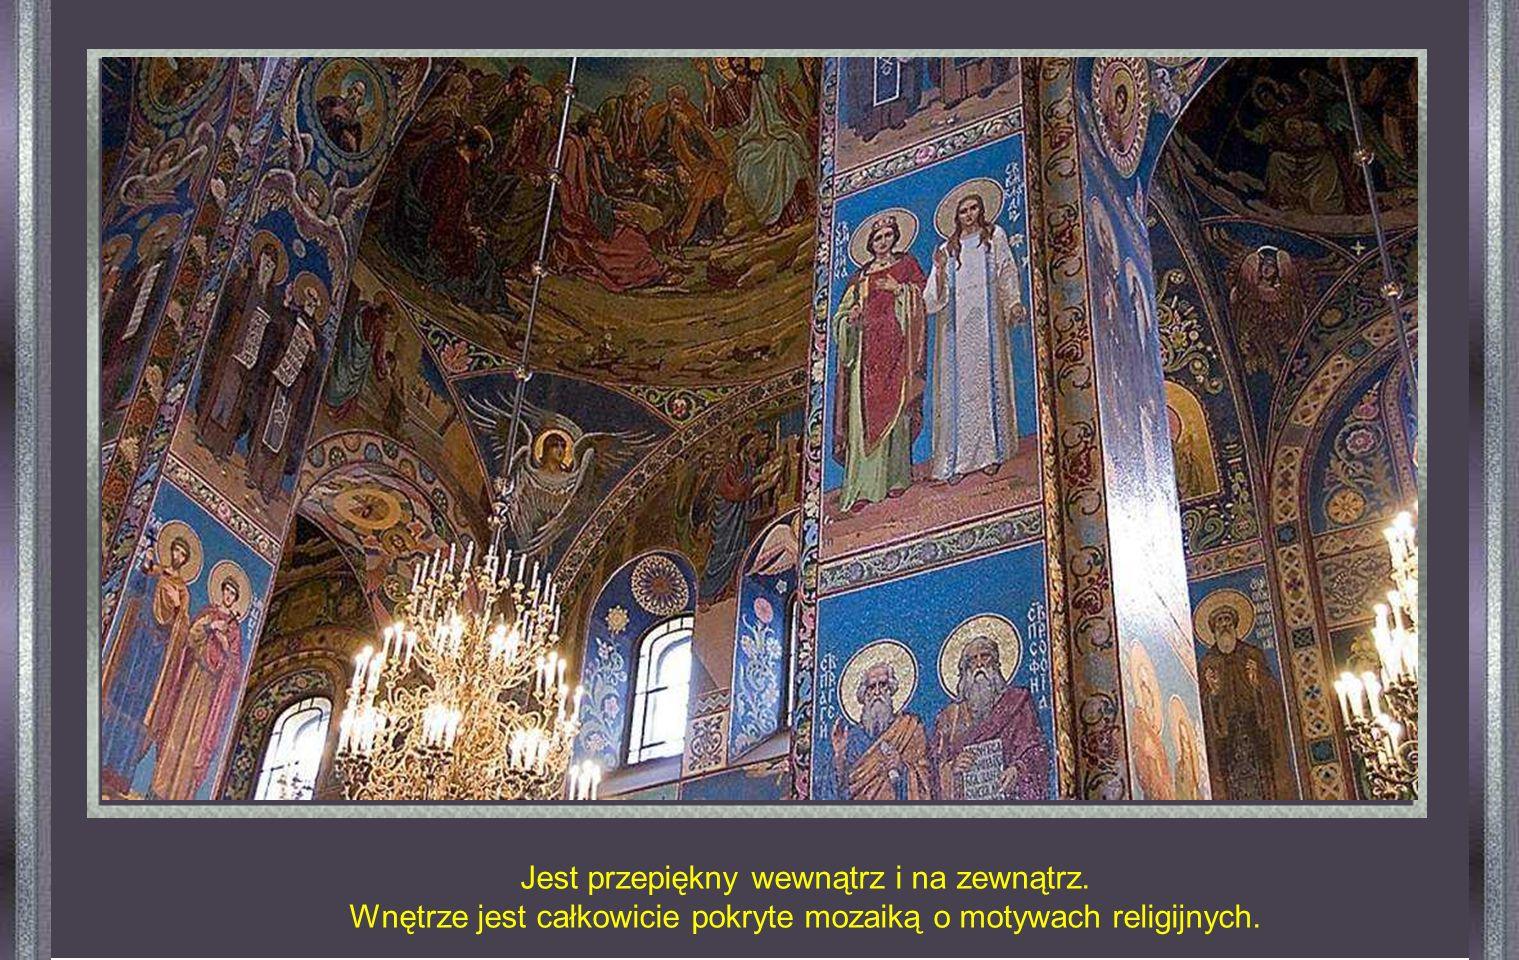 Jego oficjalna nazwa brzmi Kościół Zmartwychwstania. Został zbudowany w miejscu, gdzie 13 marca 1881 r. Został zamordowany car Aleksander II. To tragi